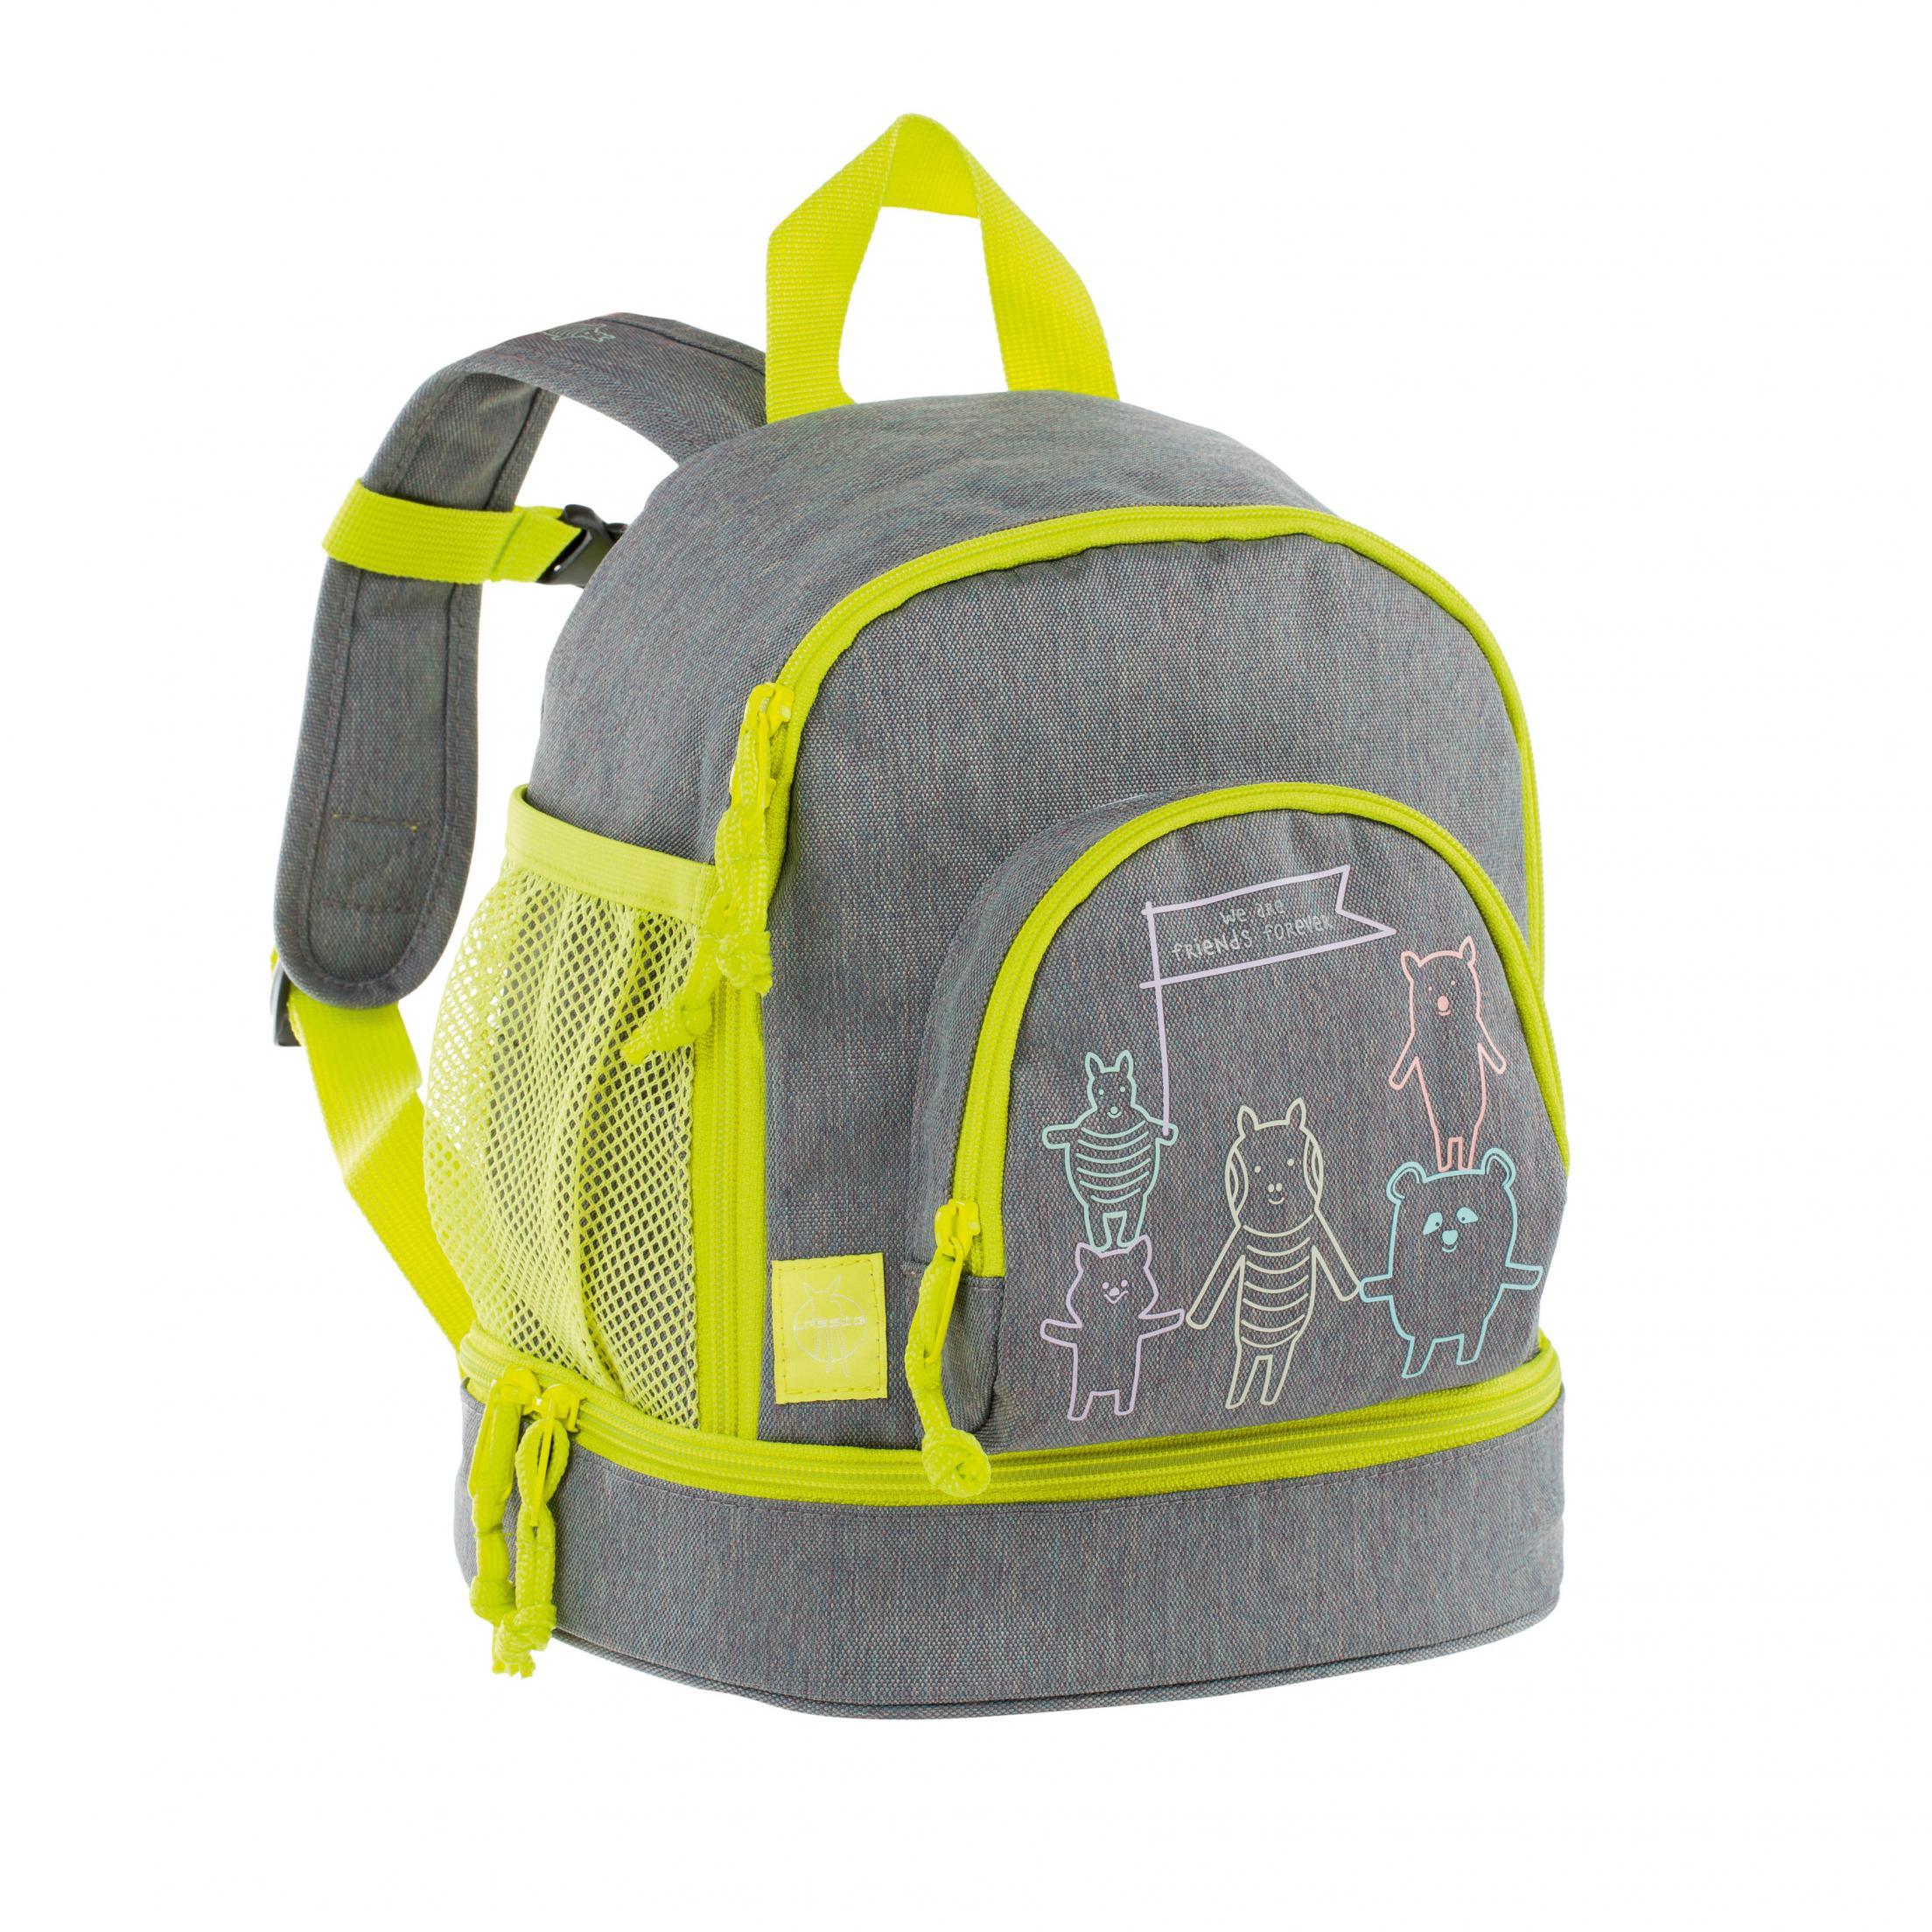 b0340d09de4e Baby Mini Backpack- Fenix Toulouse Handball